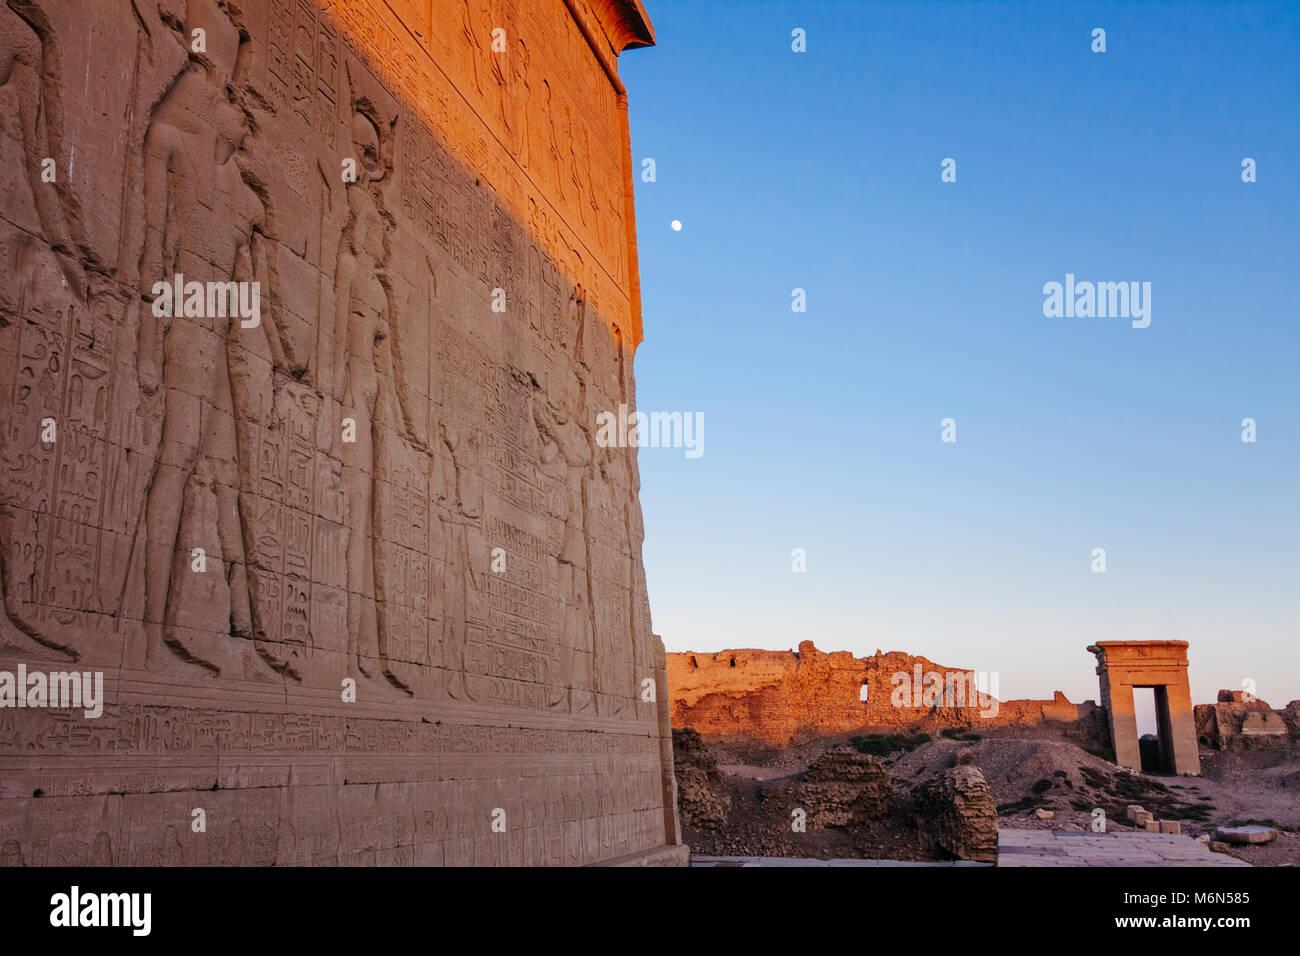 Bassorilievi posti al di fuori del tempio di Hathor con uno del composto di gateway in background al tramonto. Dendera, Immagini Stock